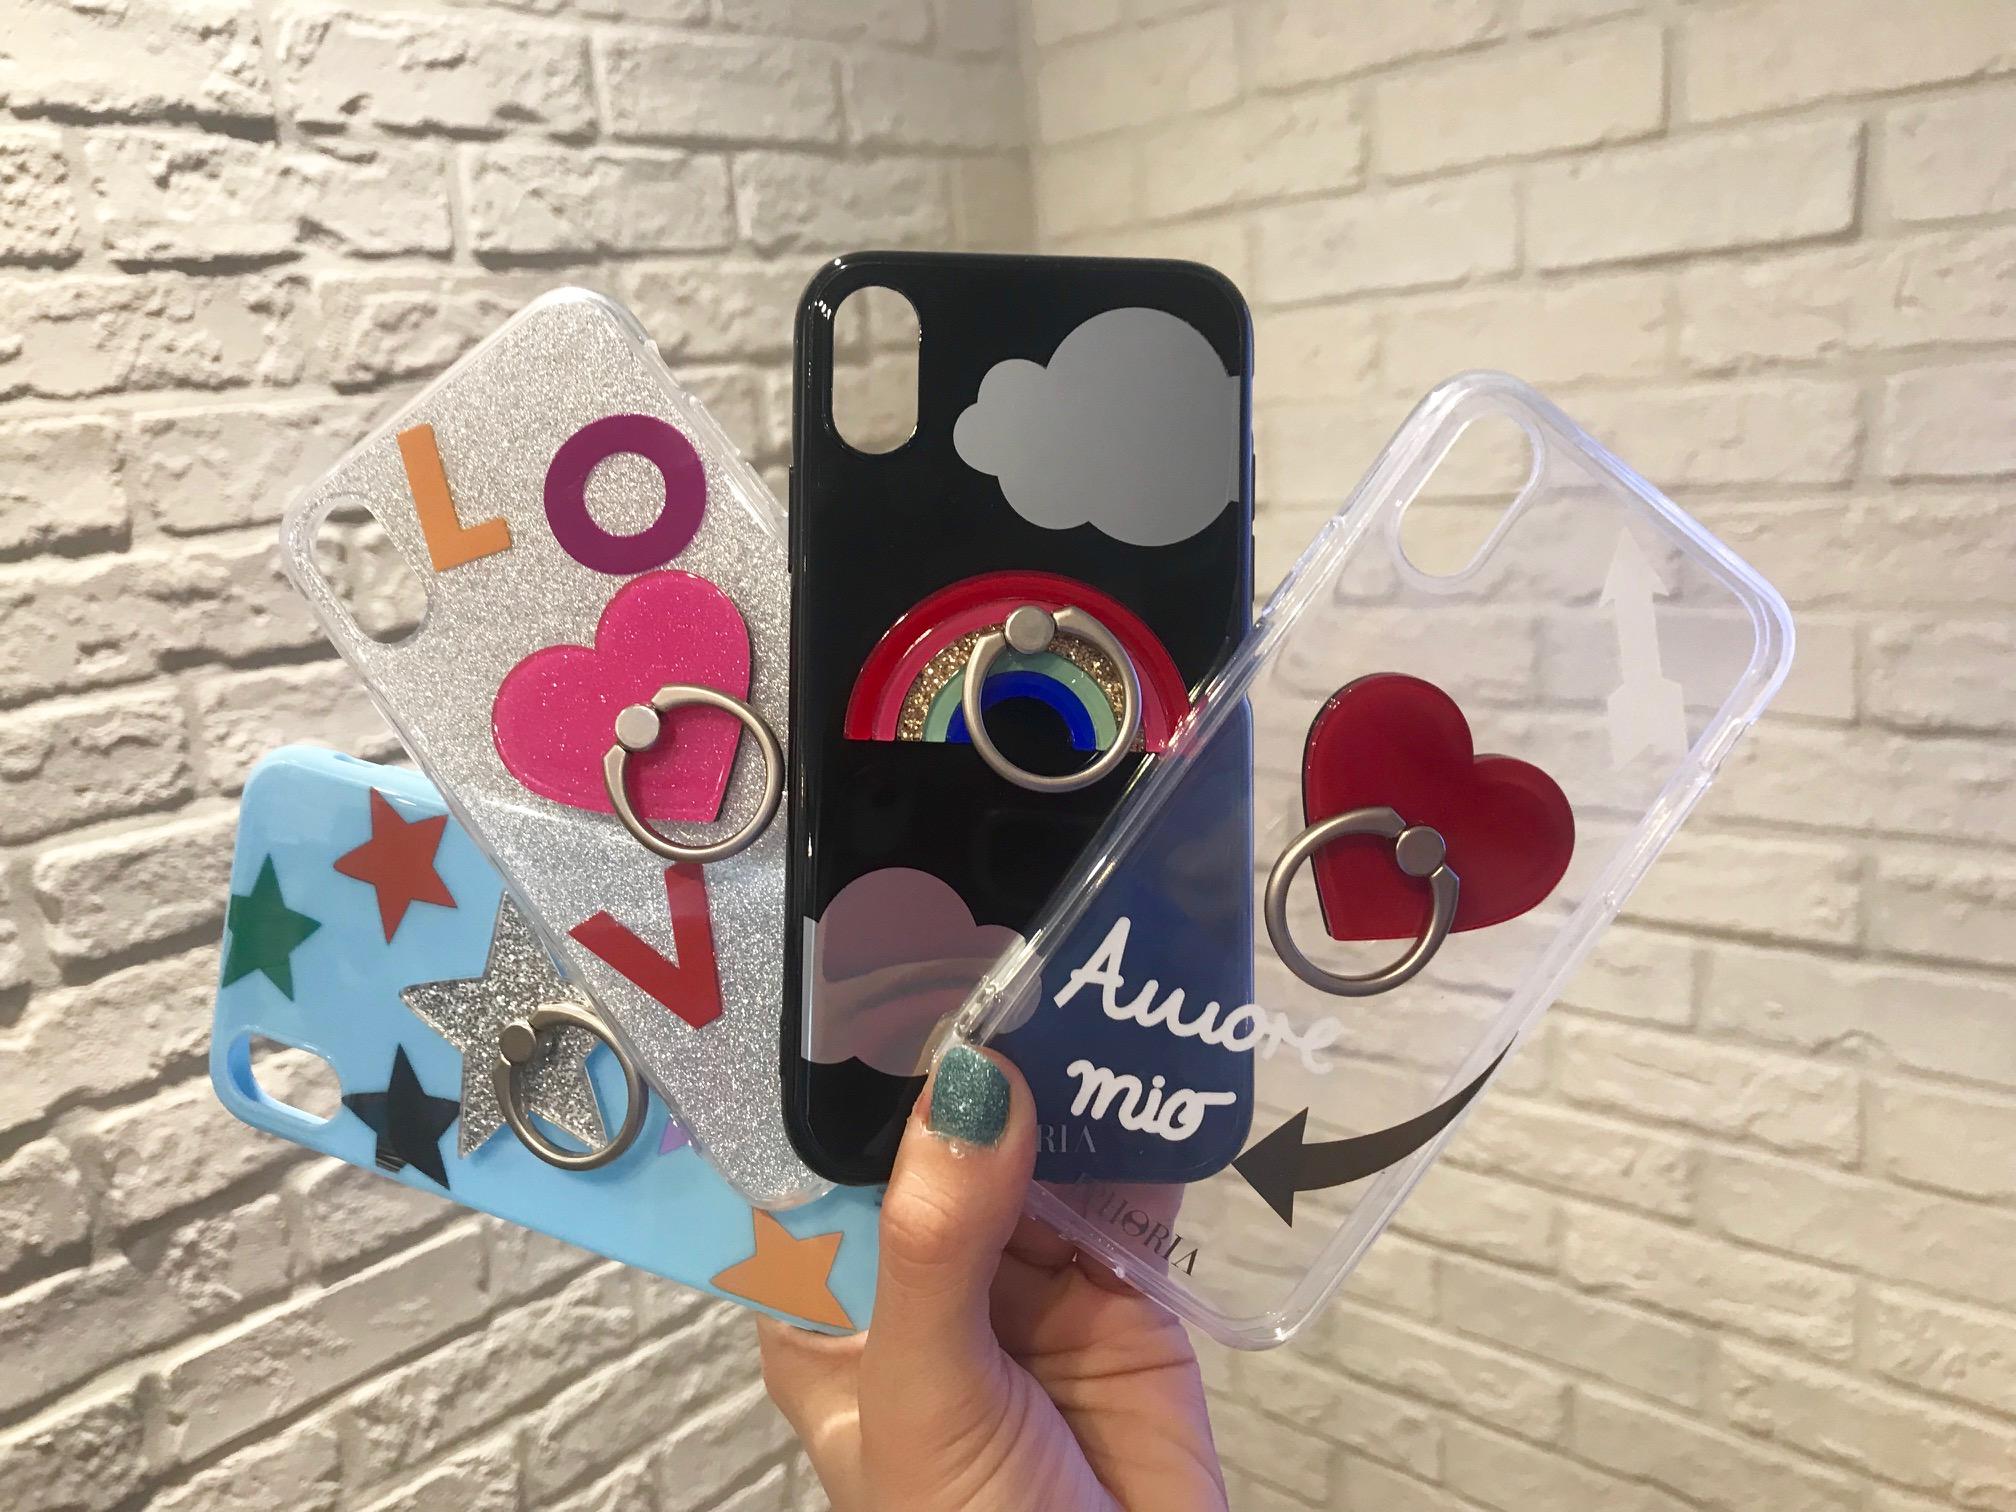 おしゃれ・かわいい・便利な最新iPhoneケース! 『IPHORIA』のおすすめ新作デザイン_5